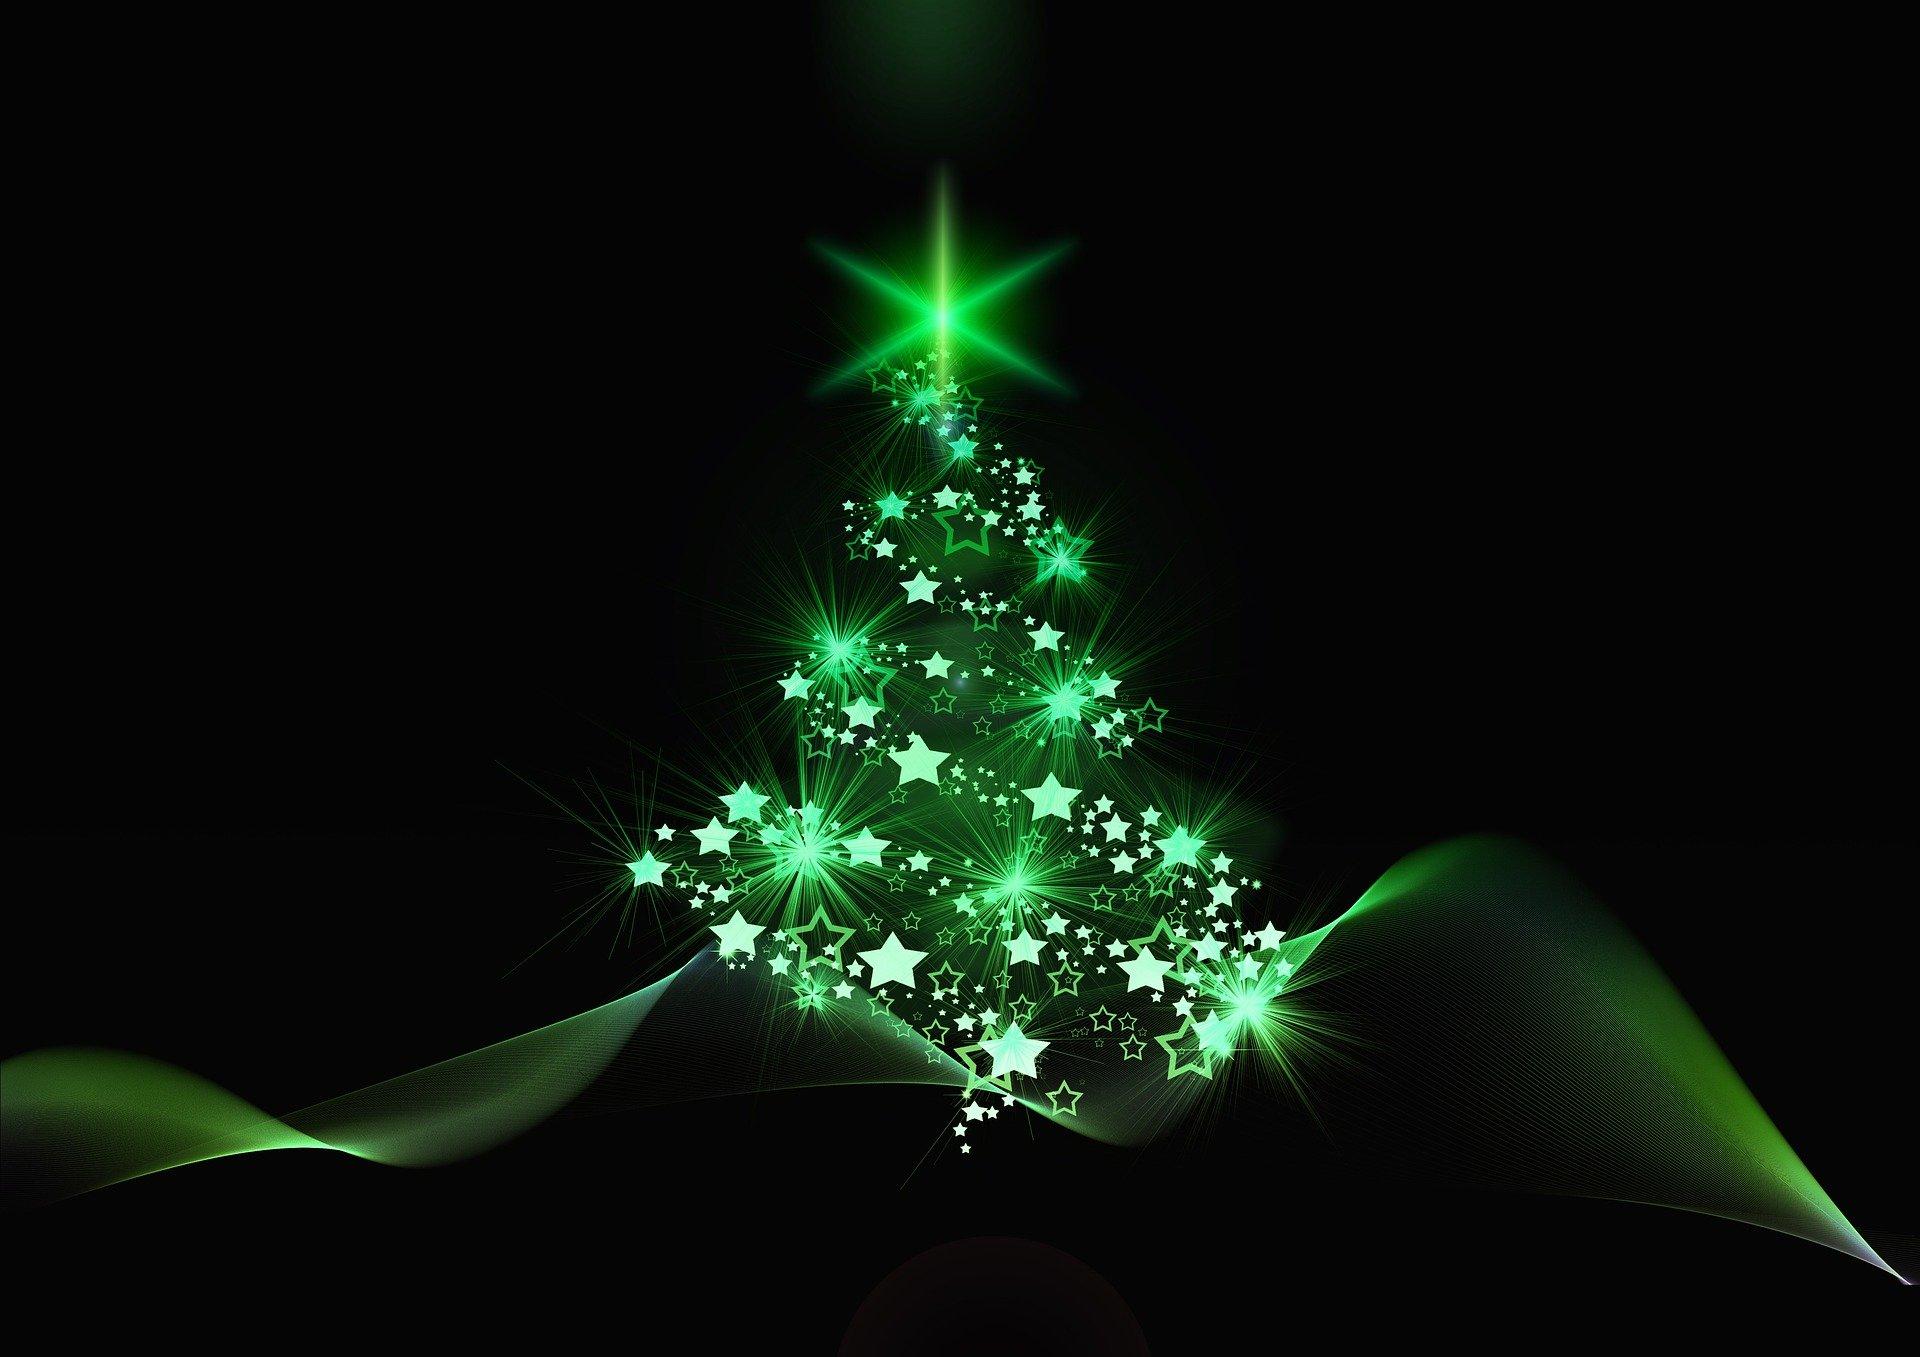 Allen ein schönes Weihnachtsfest